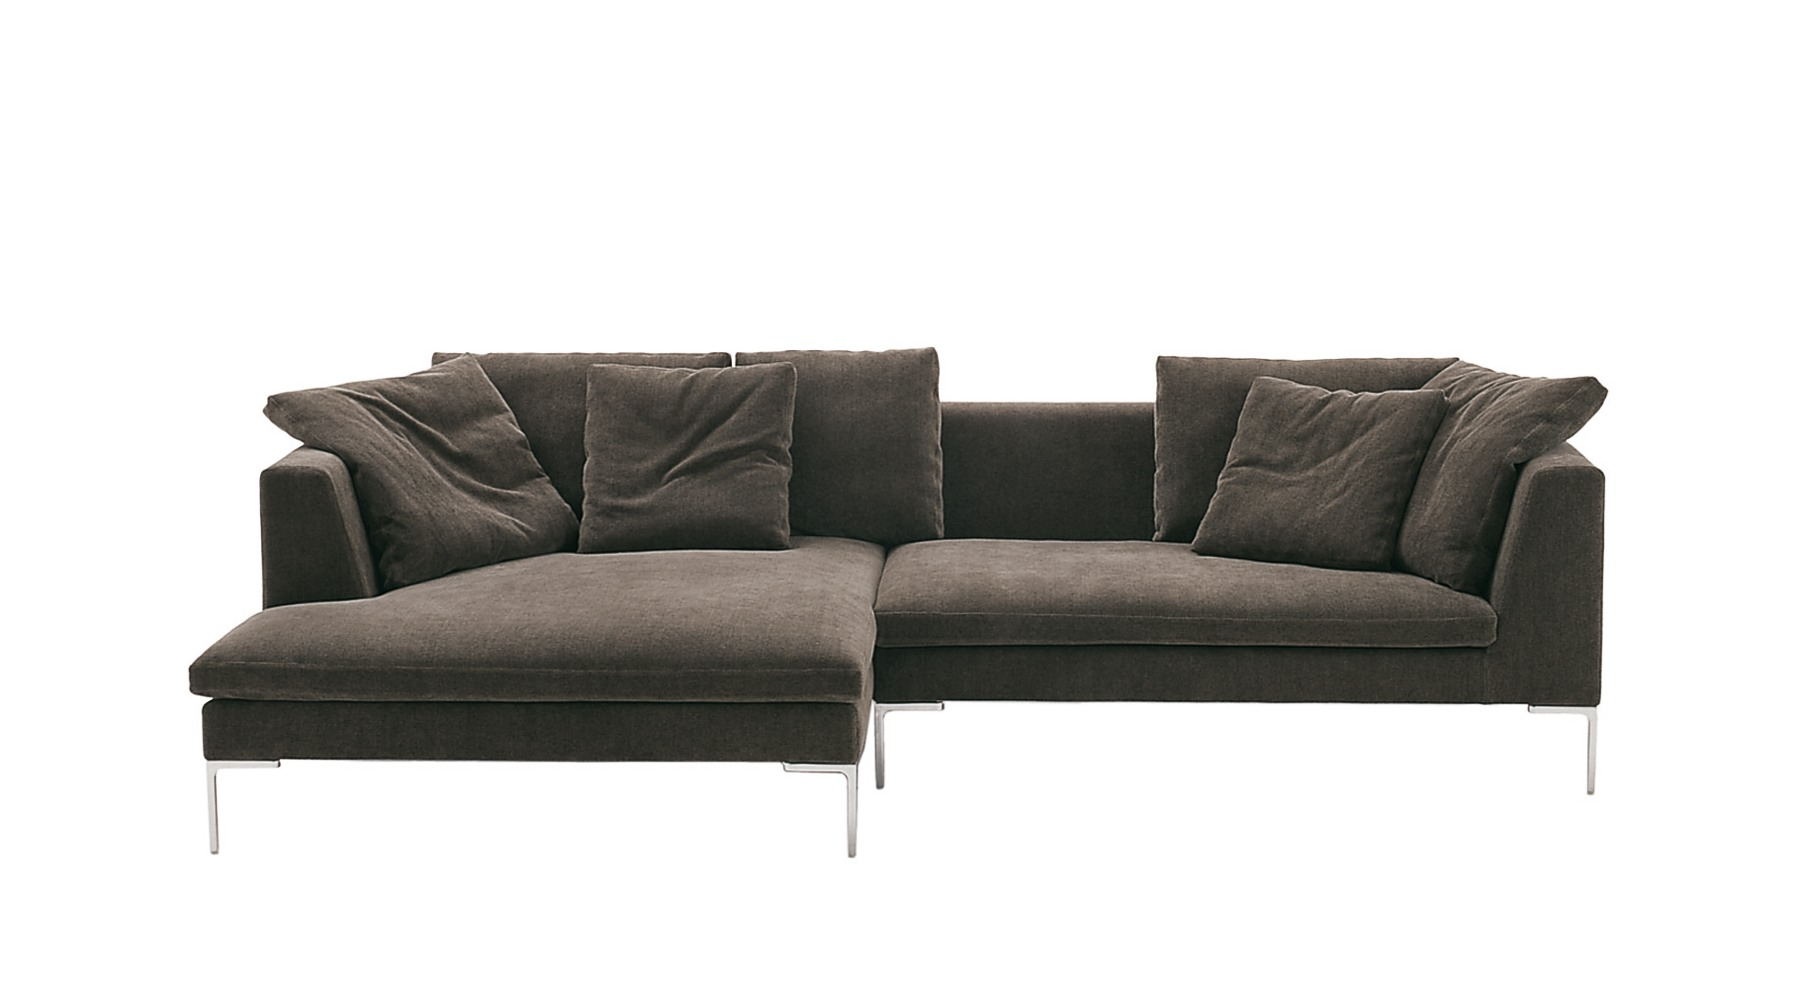 charles large dammacco. Black Bedroom Furniture Sets. Home Design Ideas